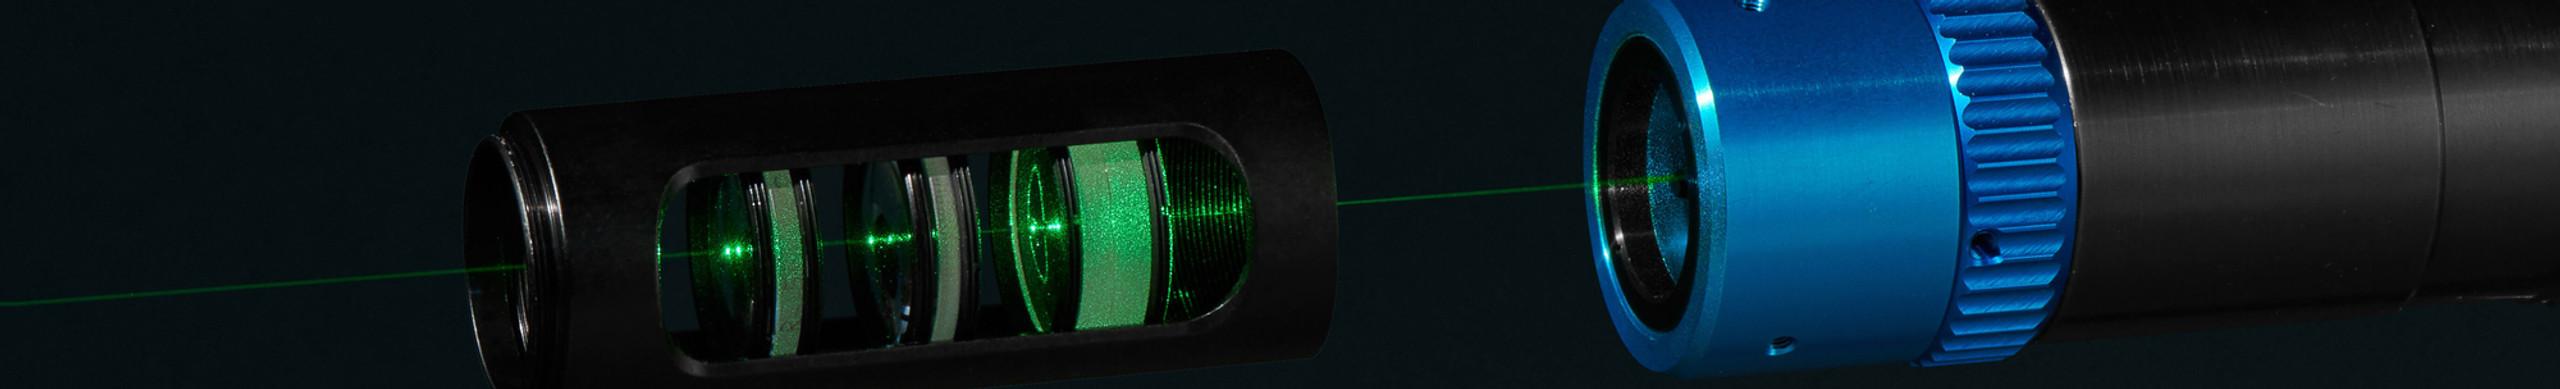 laser beams 2.jpg